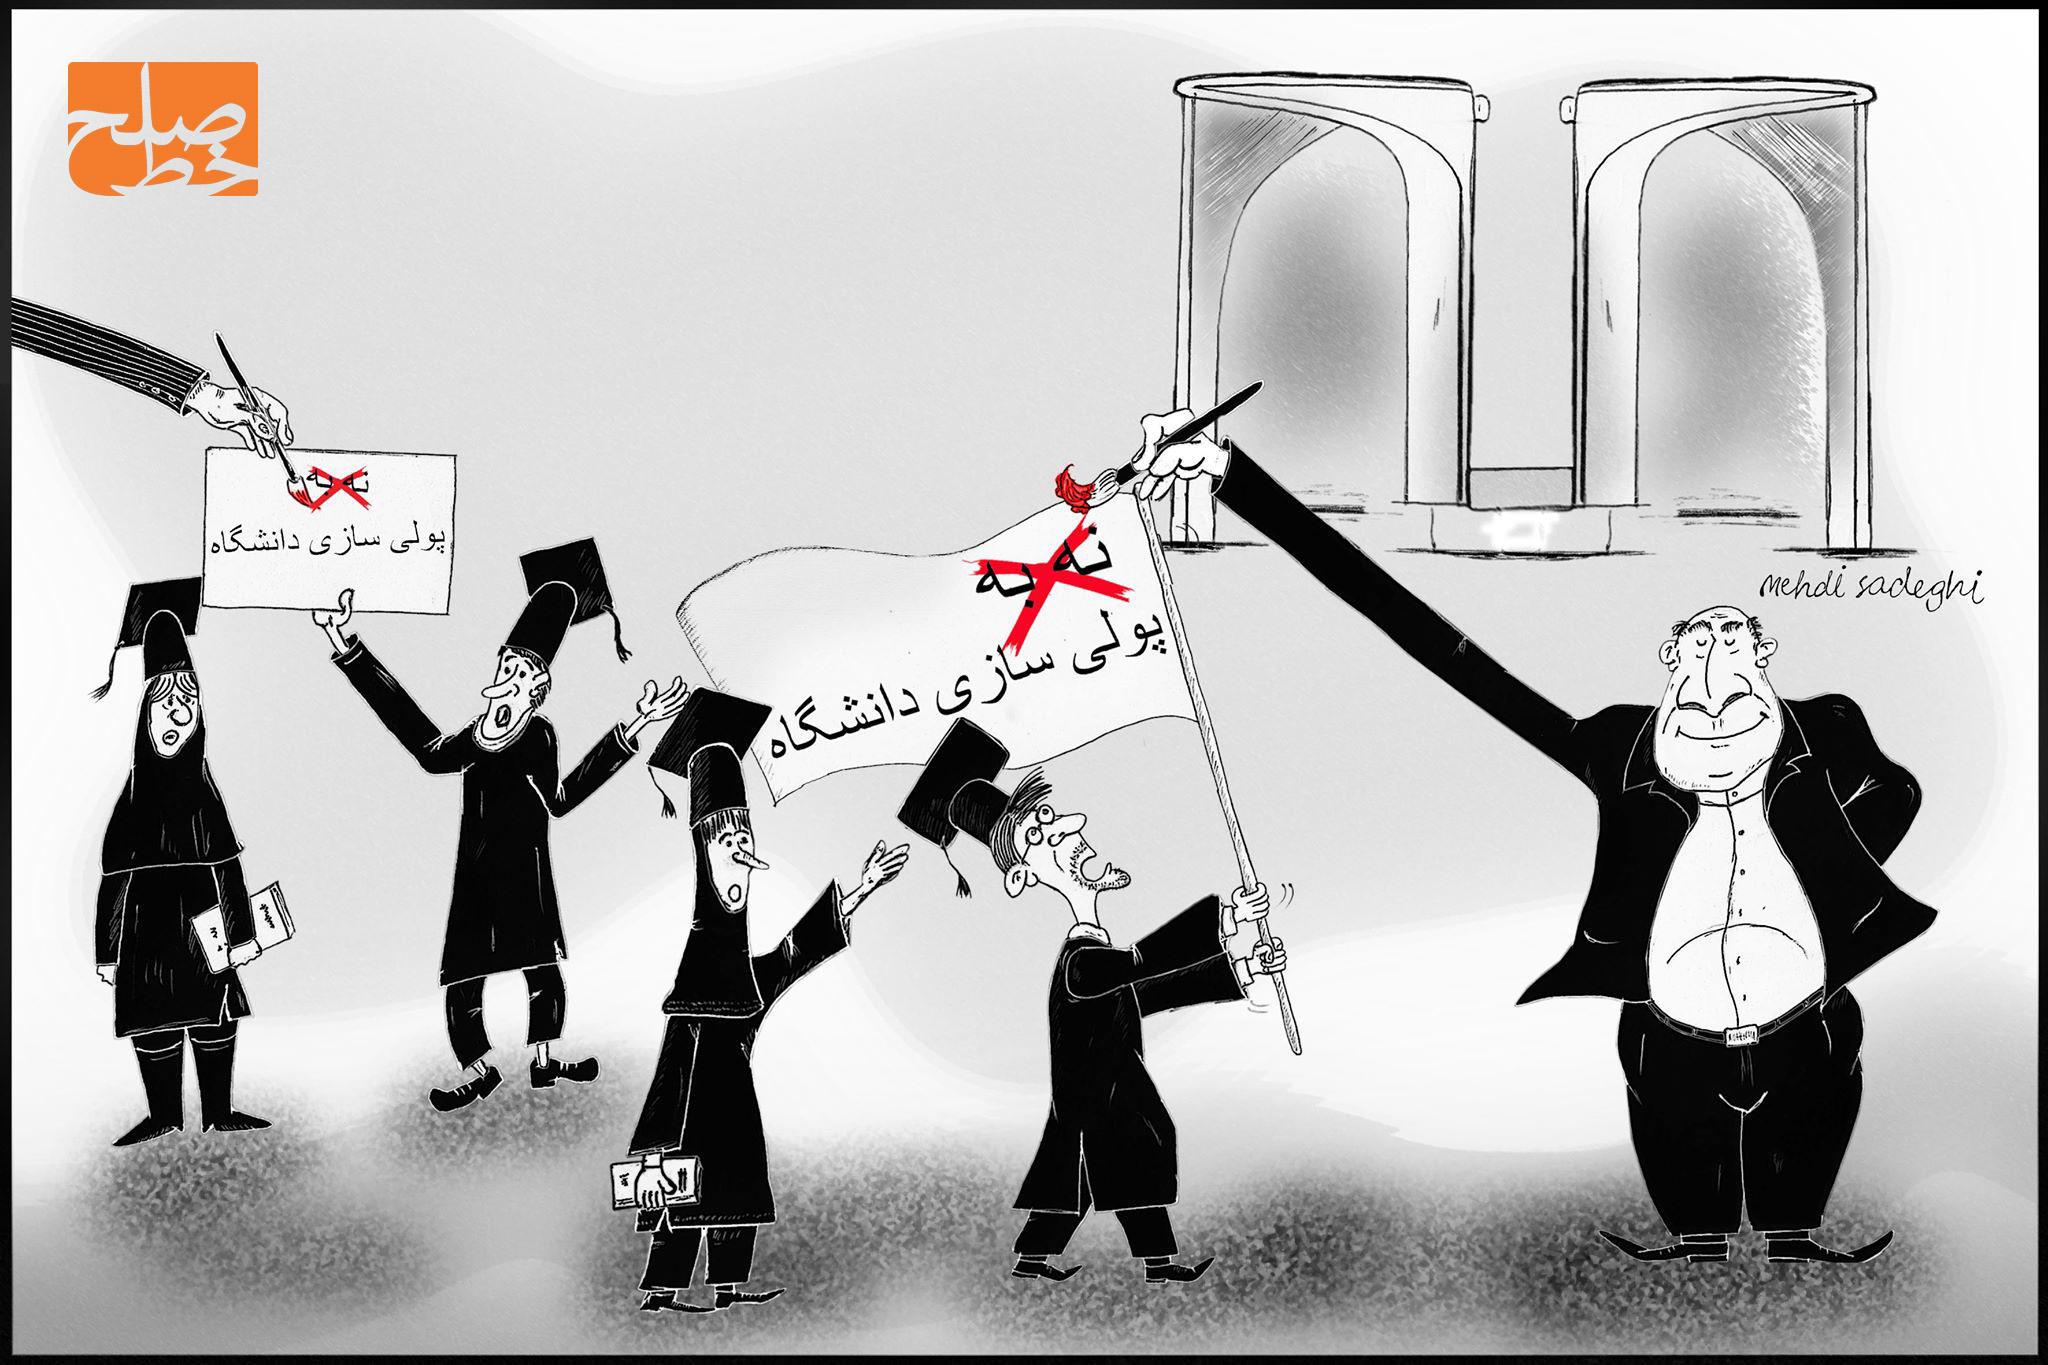 در حاشیه اعتراض دانشجویان به پولی سازی دانشگاه ها – کاری از مهدی صادقی